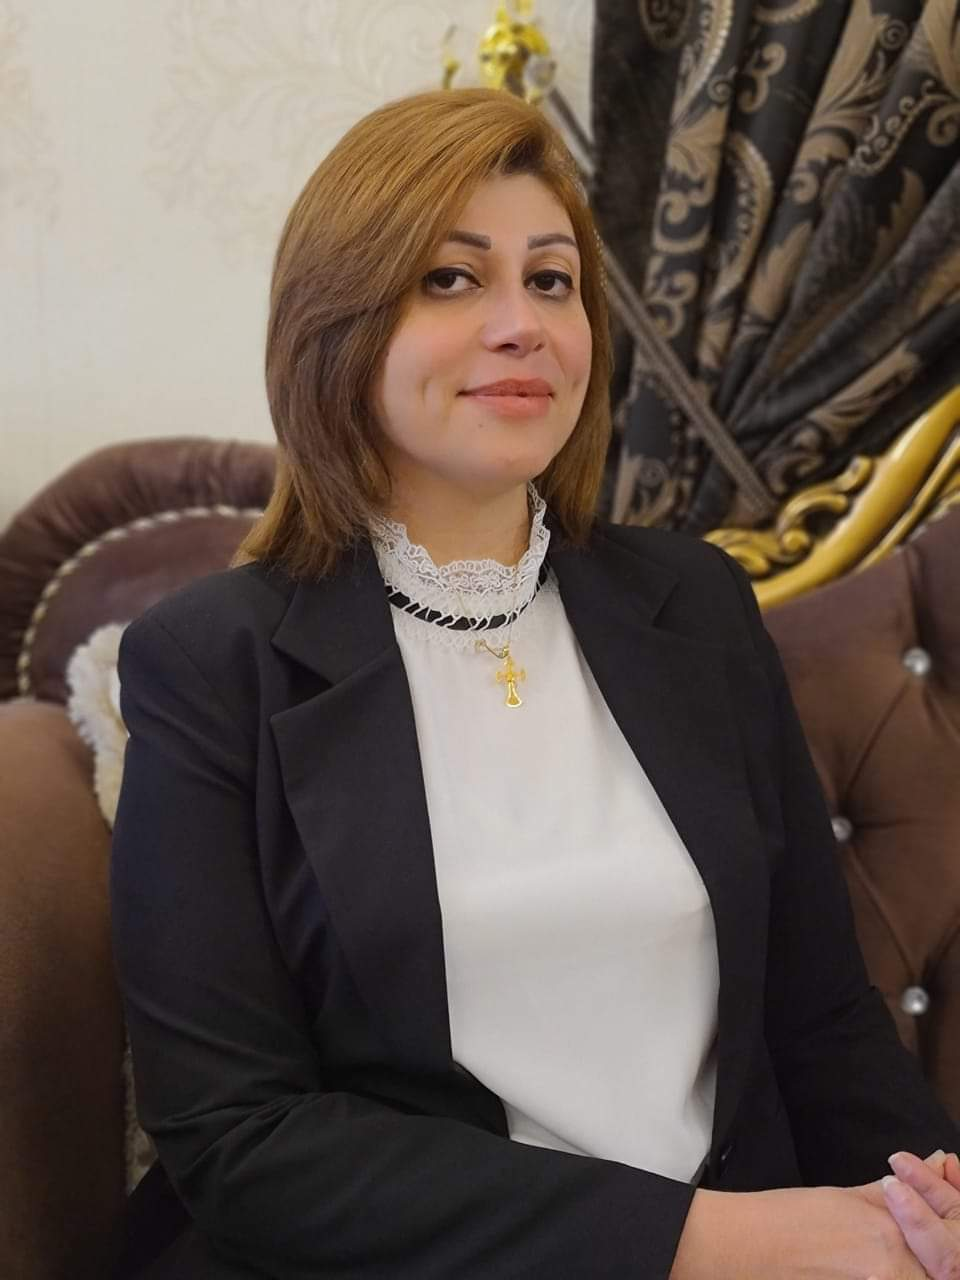 إيفان جابرو وزيرة للهجرة والمهجرين في الحكومة العراقية الأنتقالية